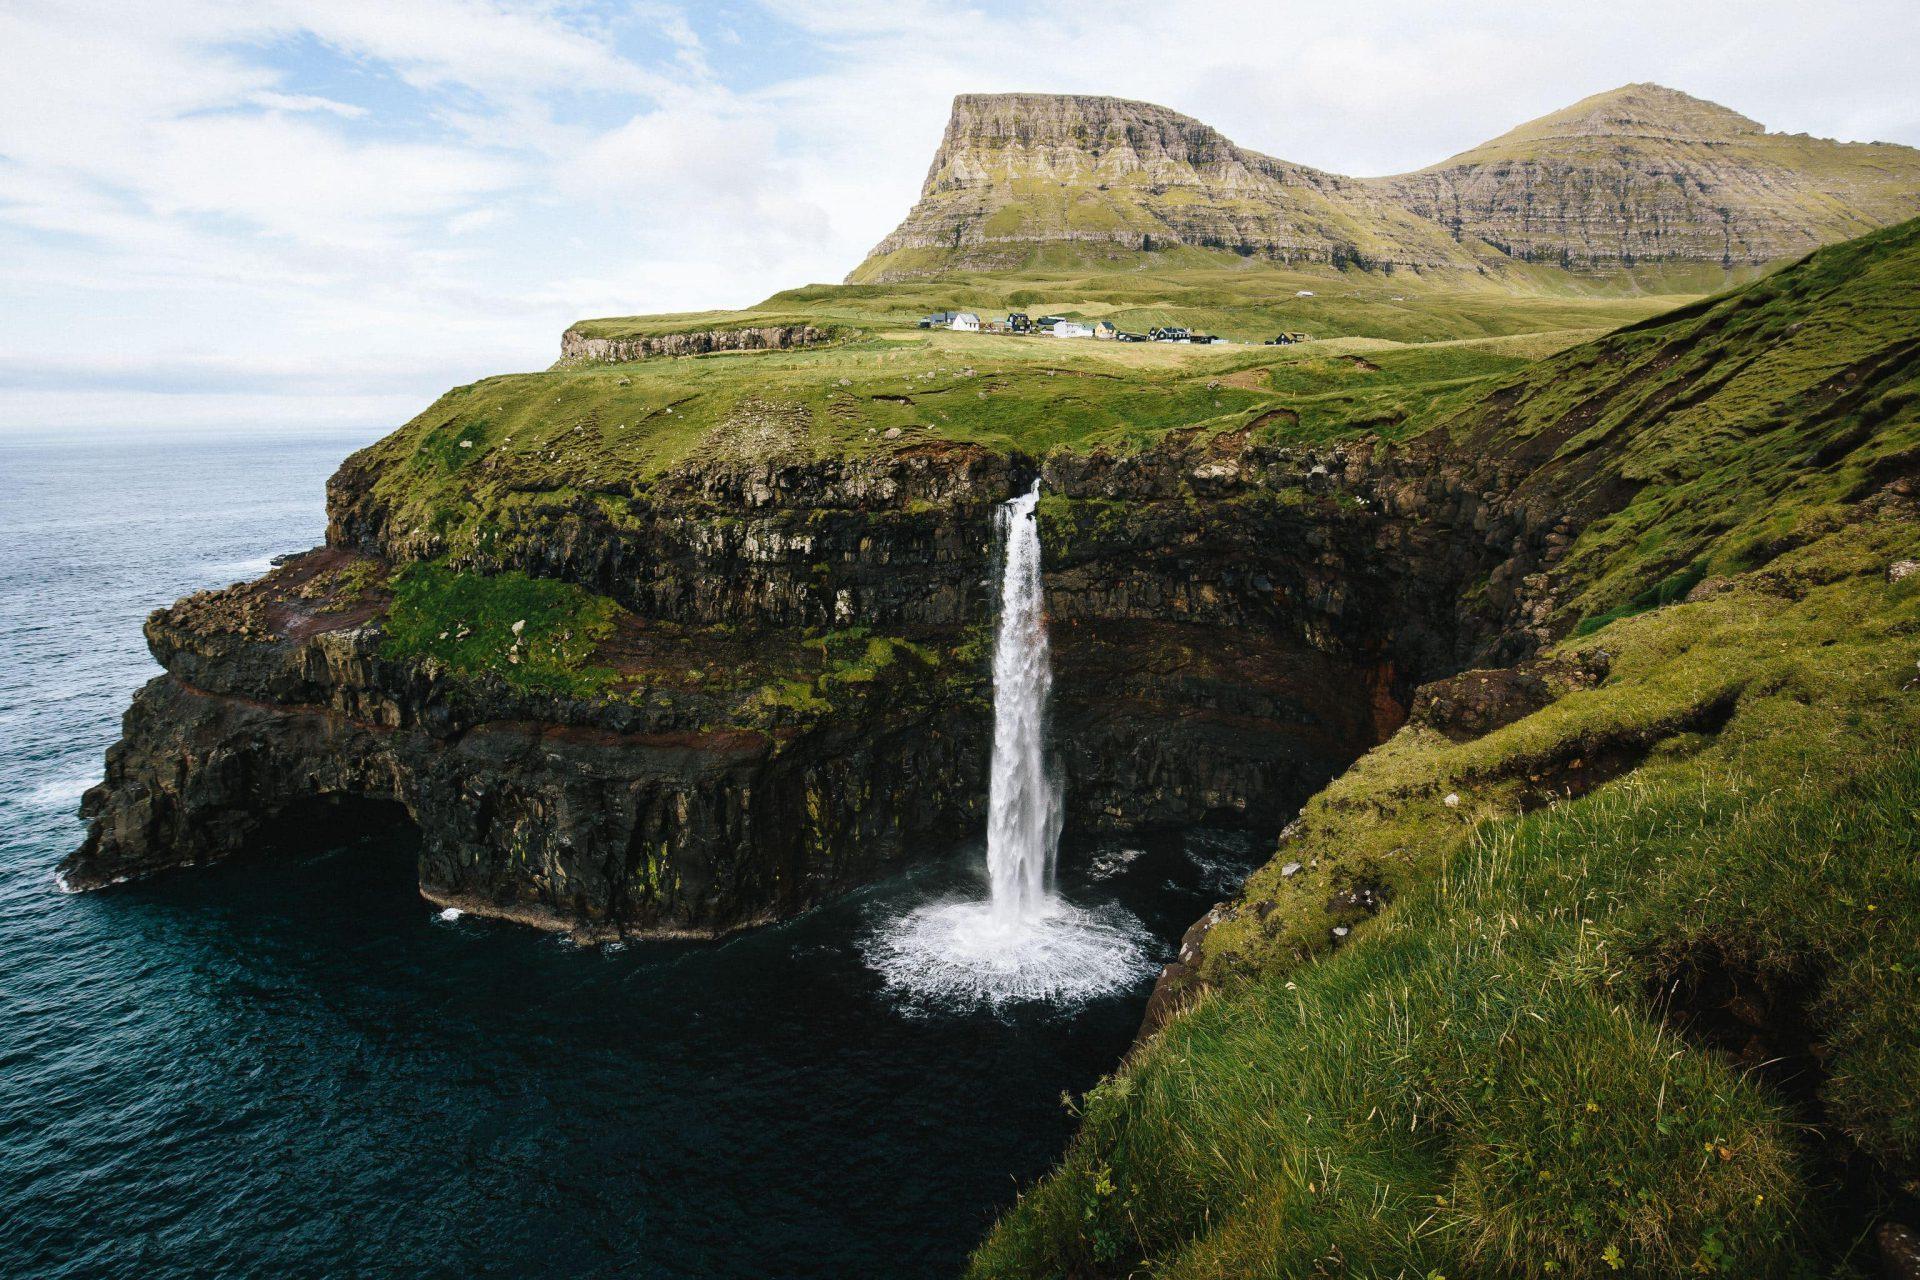 marc zimmer 591398 unsplash - Dit zijn de 25 mooiste plekken in Europa die je in 2021 écht moet bezoeken